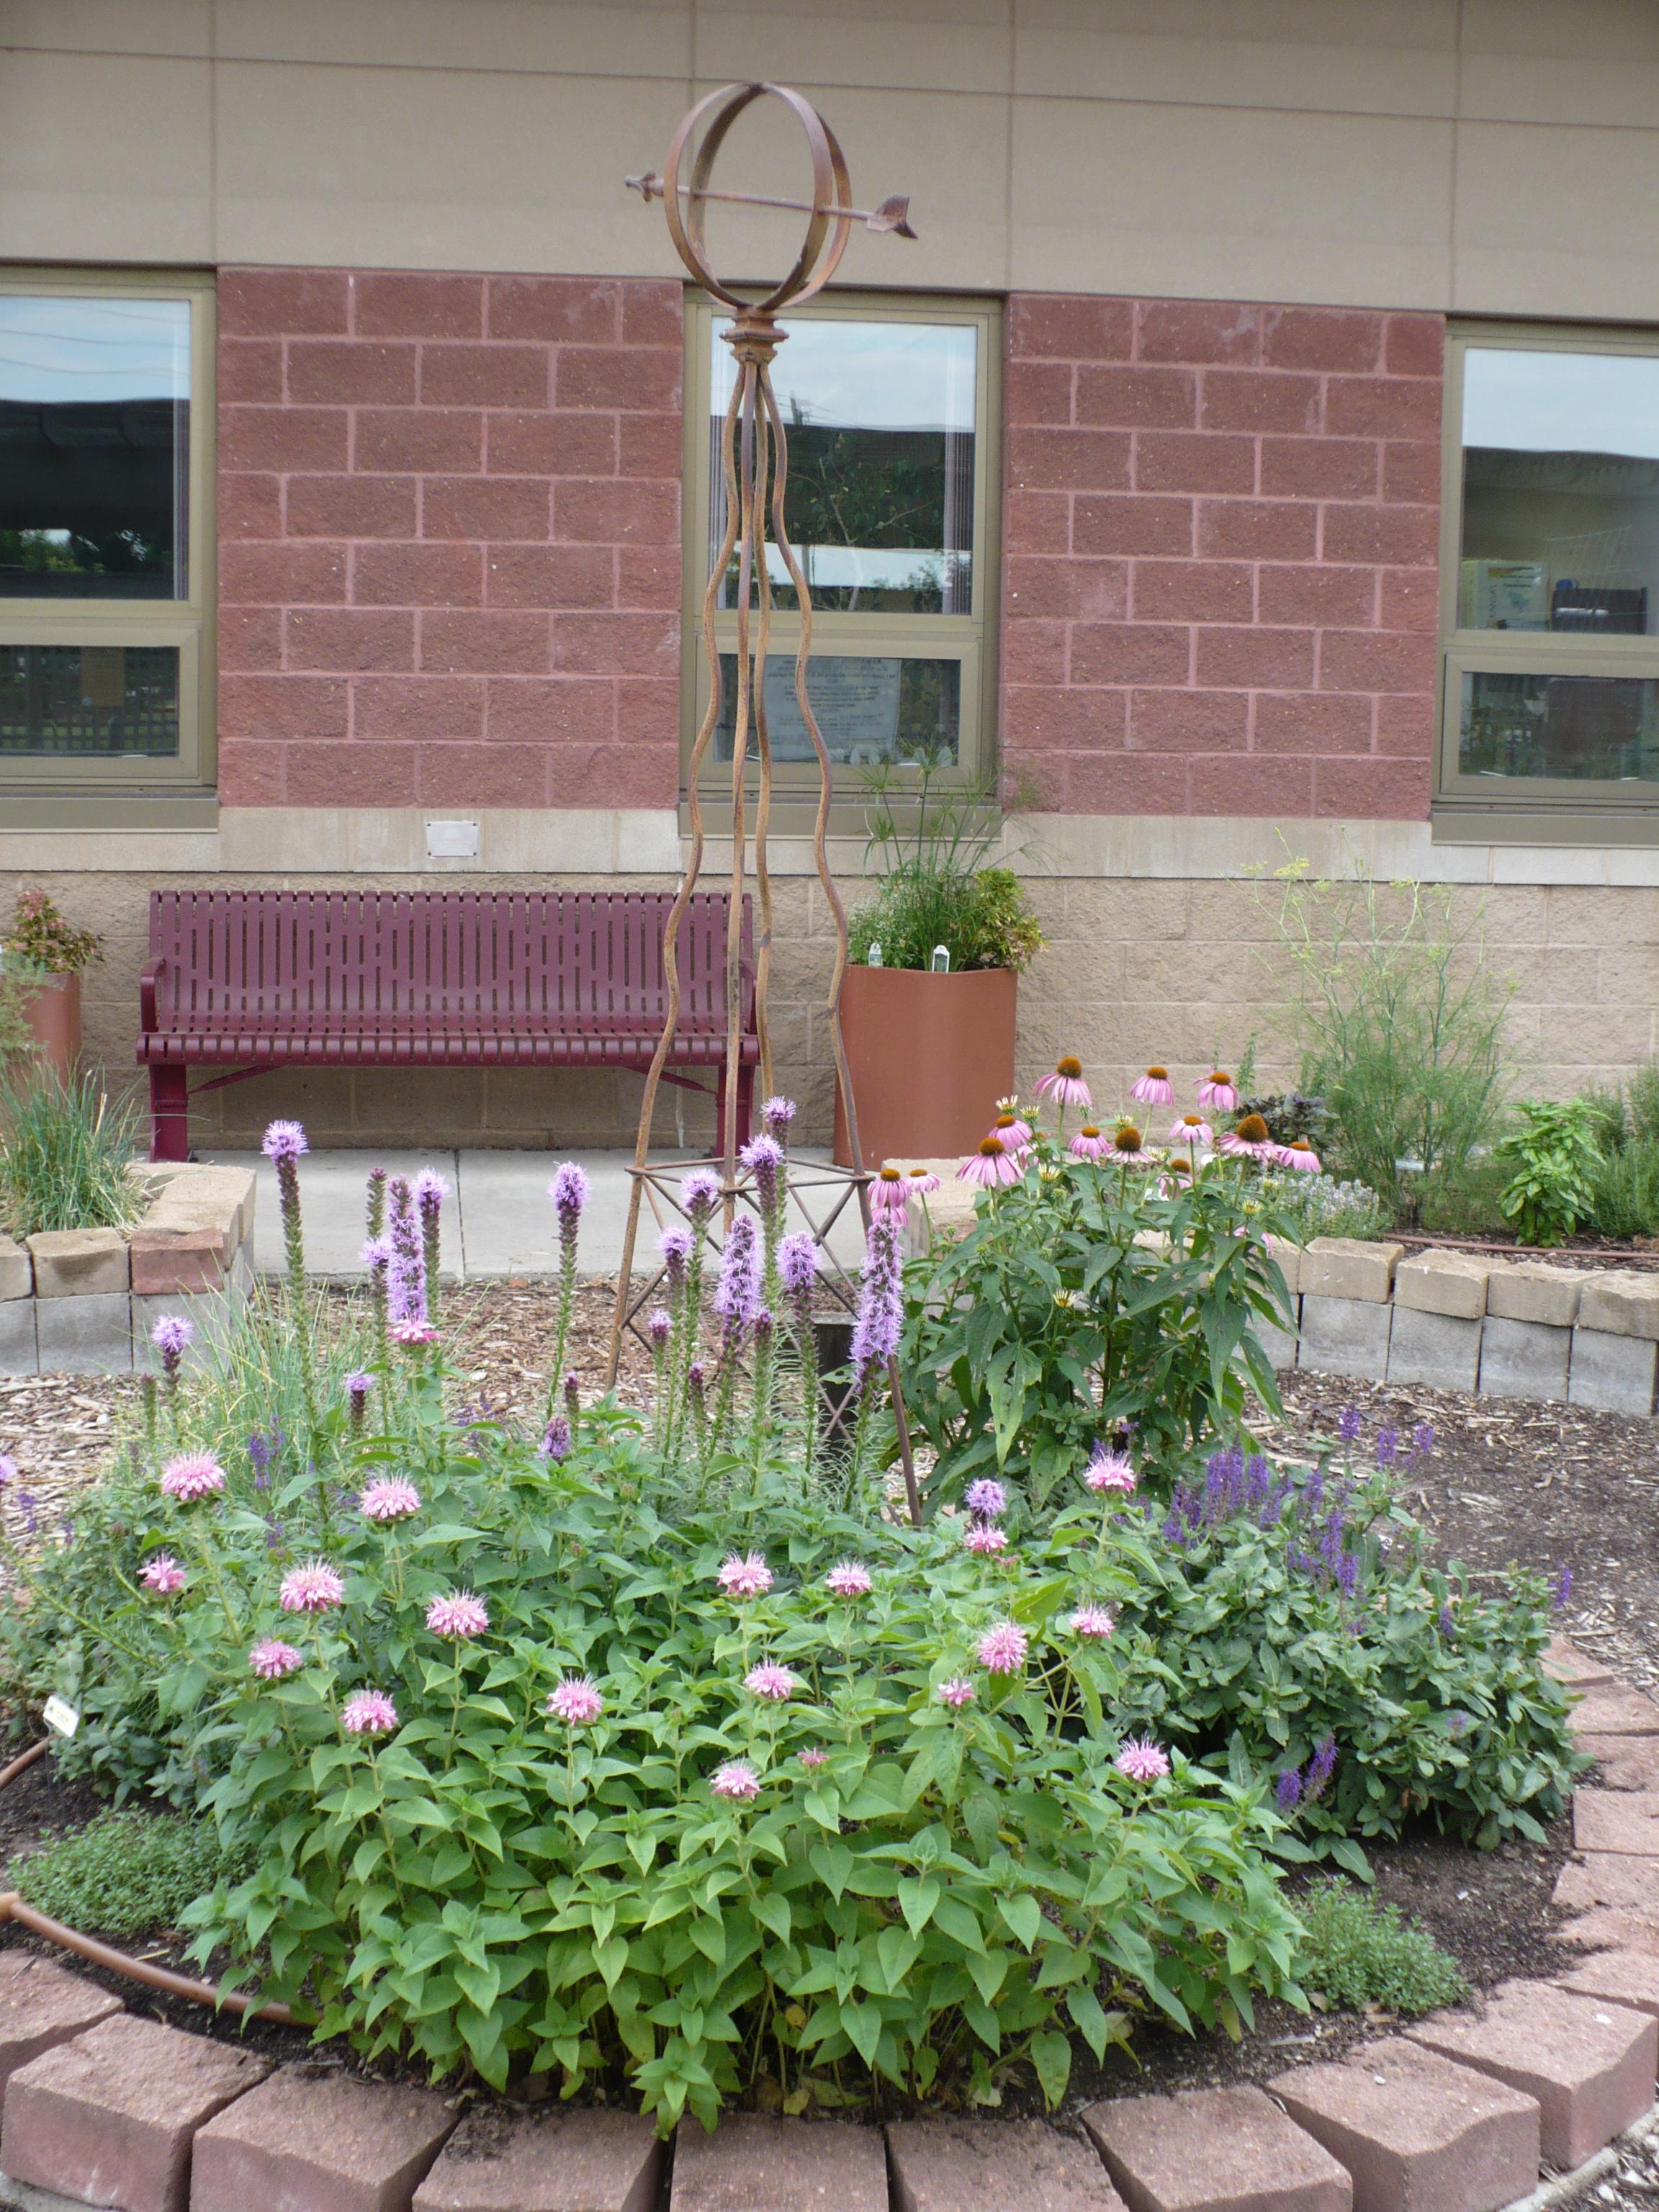 Center Herb Garden